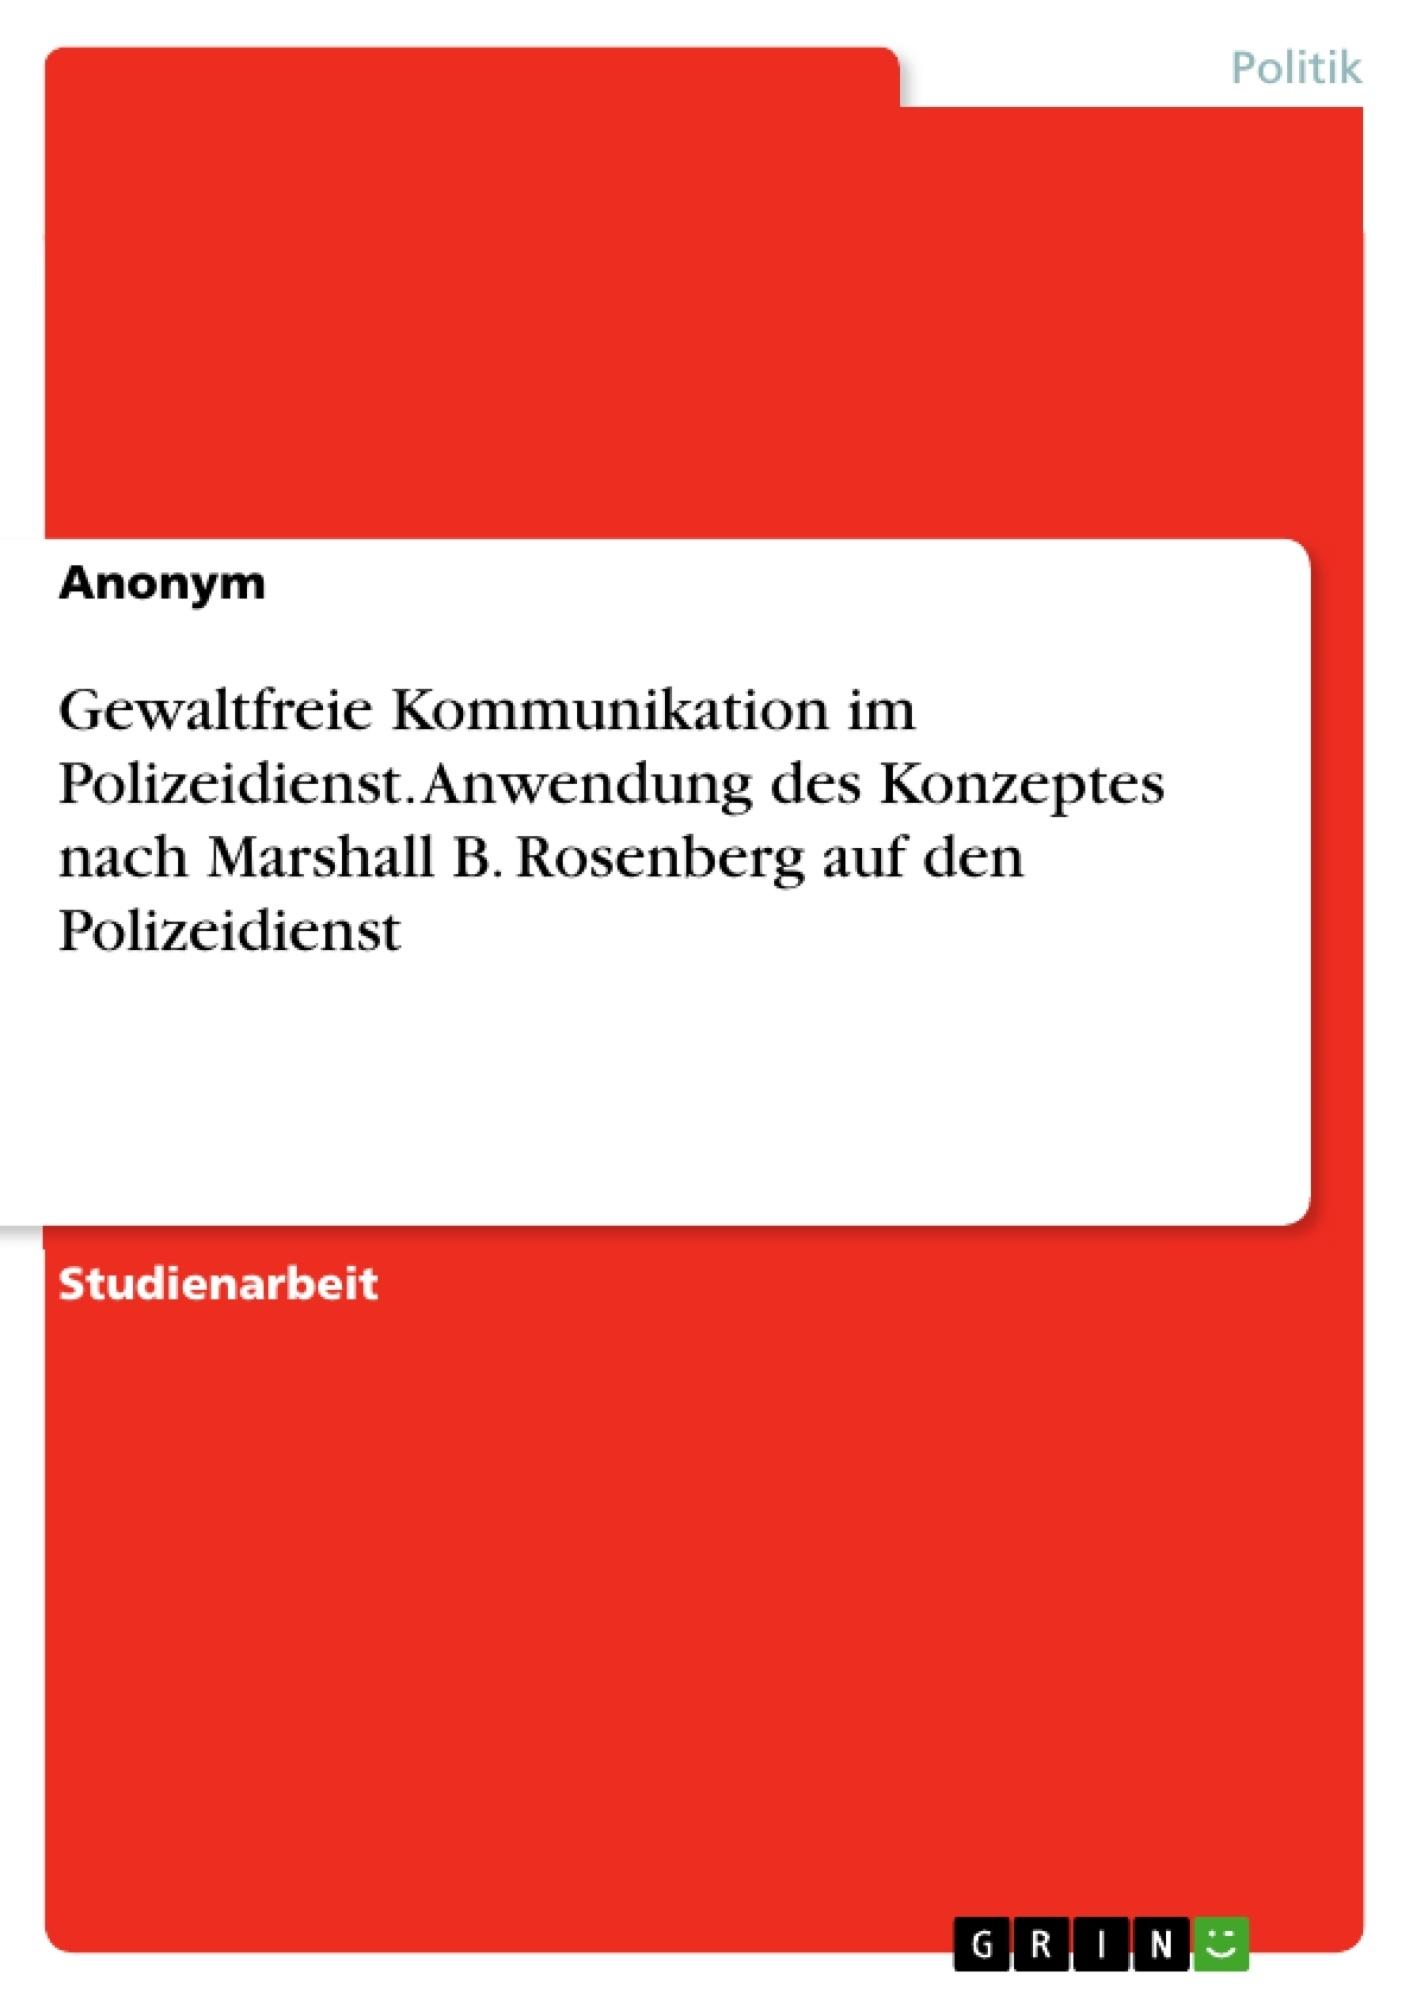 Titel: Gewaltfreie Kommunikation im Polizeidienst. Anwendung des Konzeptes nach Marshall B. Rosenberg auf den Polizeidienst